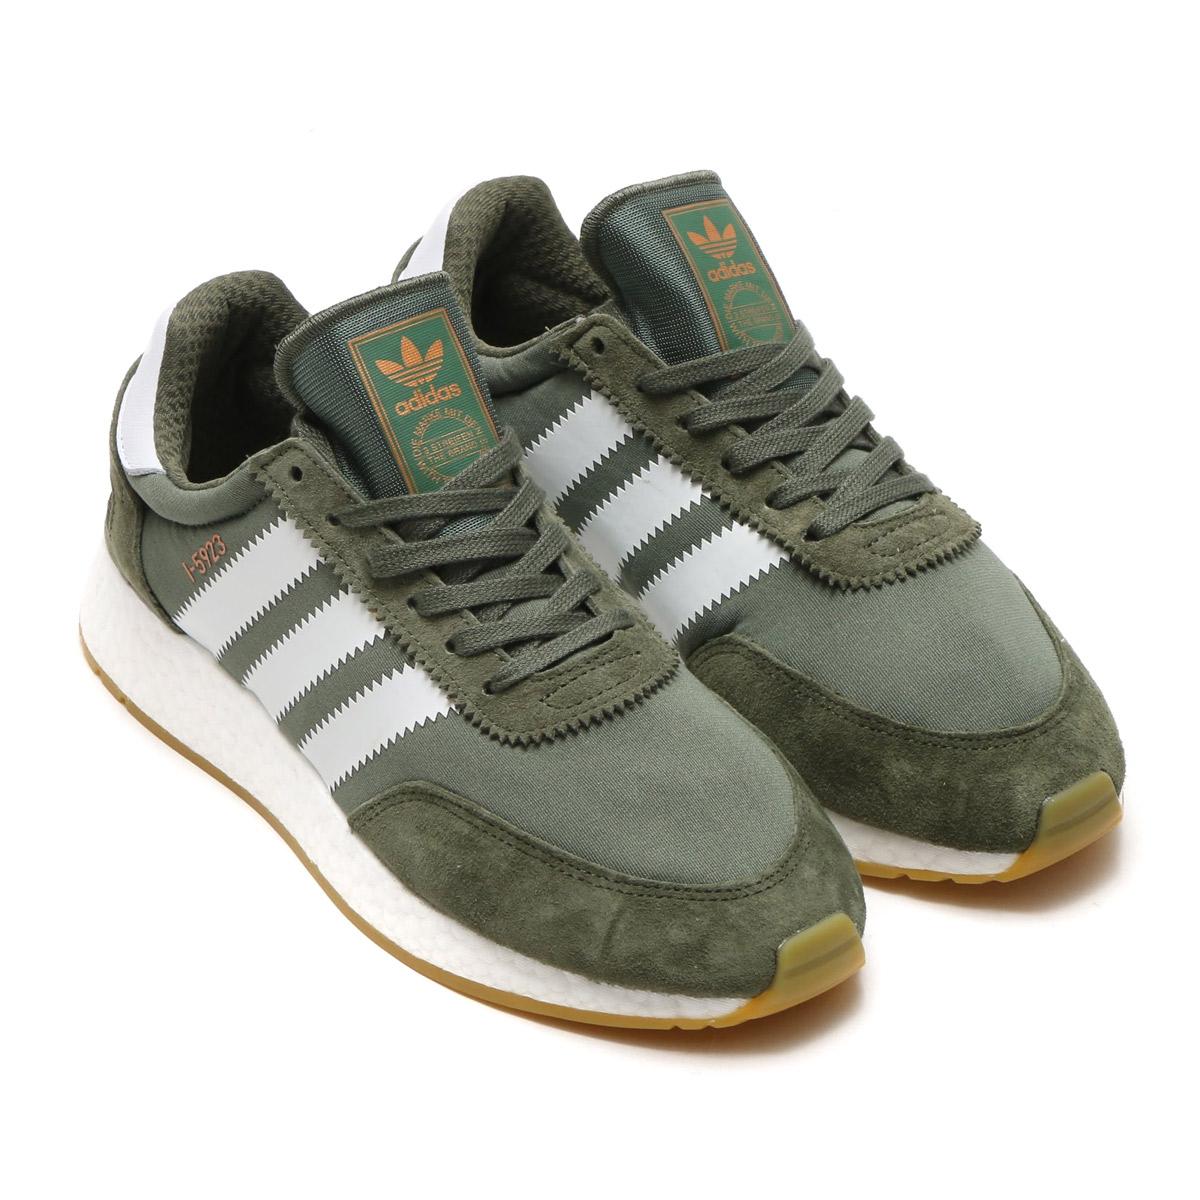 """adidas I-5923 in """"Base Green"""" und """"Mase""""für jew. 94,95€ bei Afew *Update*"""